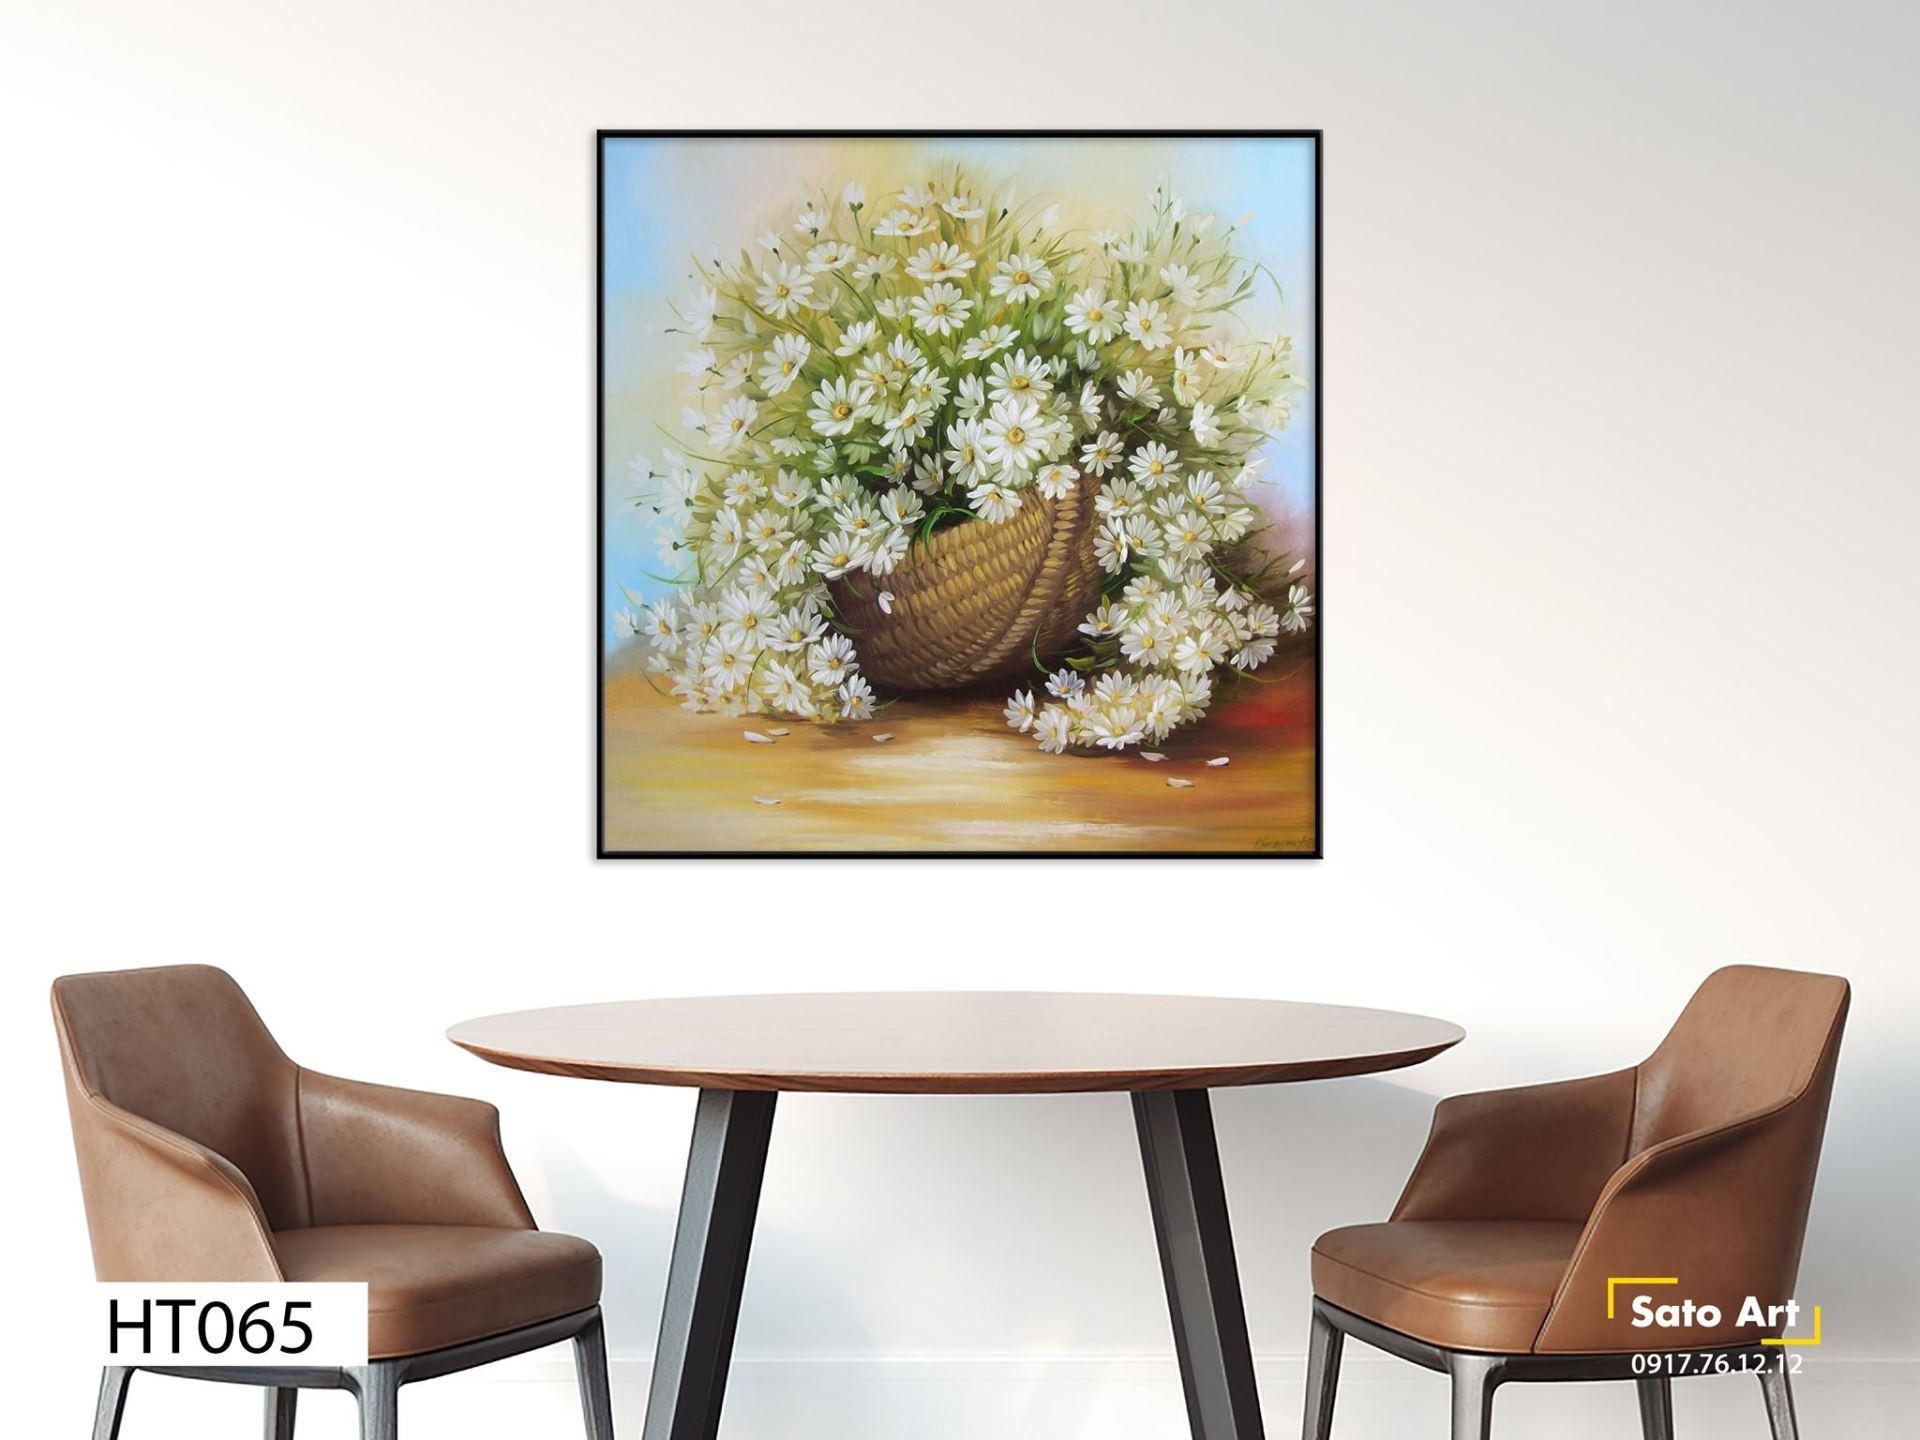 tranh giỏ hoa cúc trắng